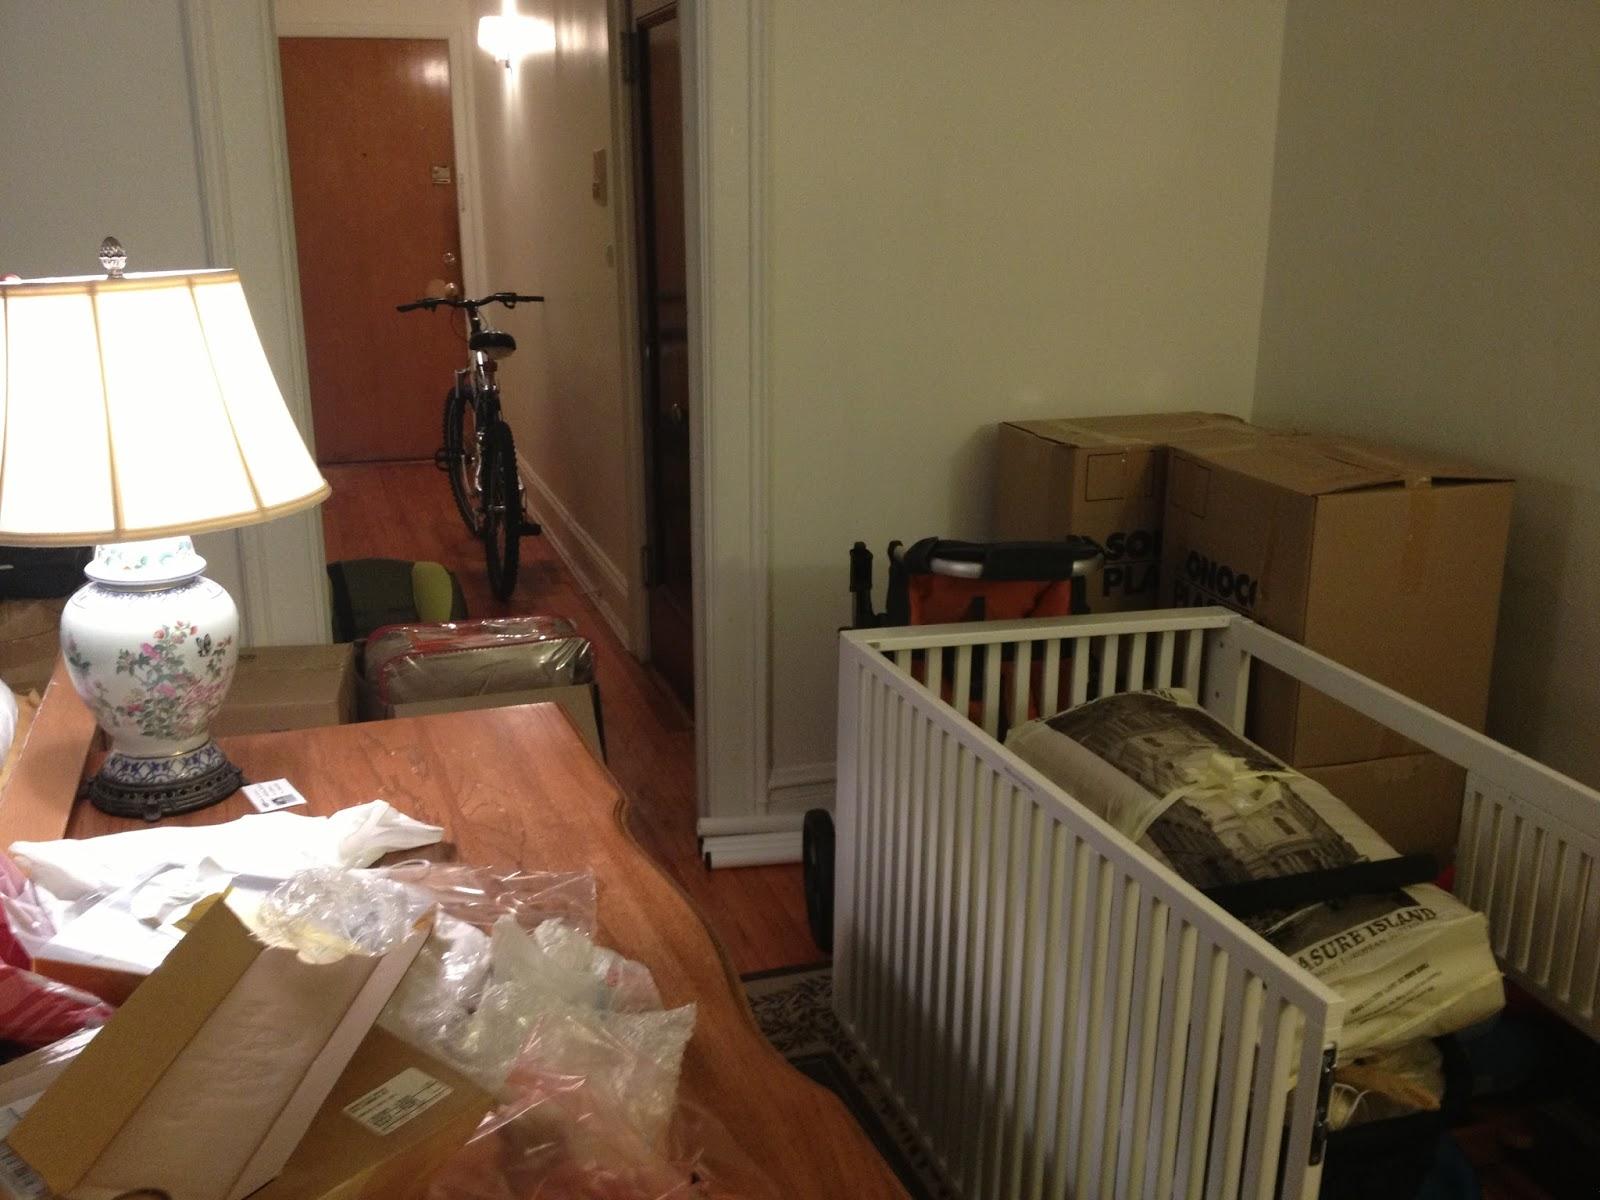 La Mia Vita Senza Bidet Nella Nuova Casa Sempre Senza Bidet